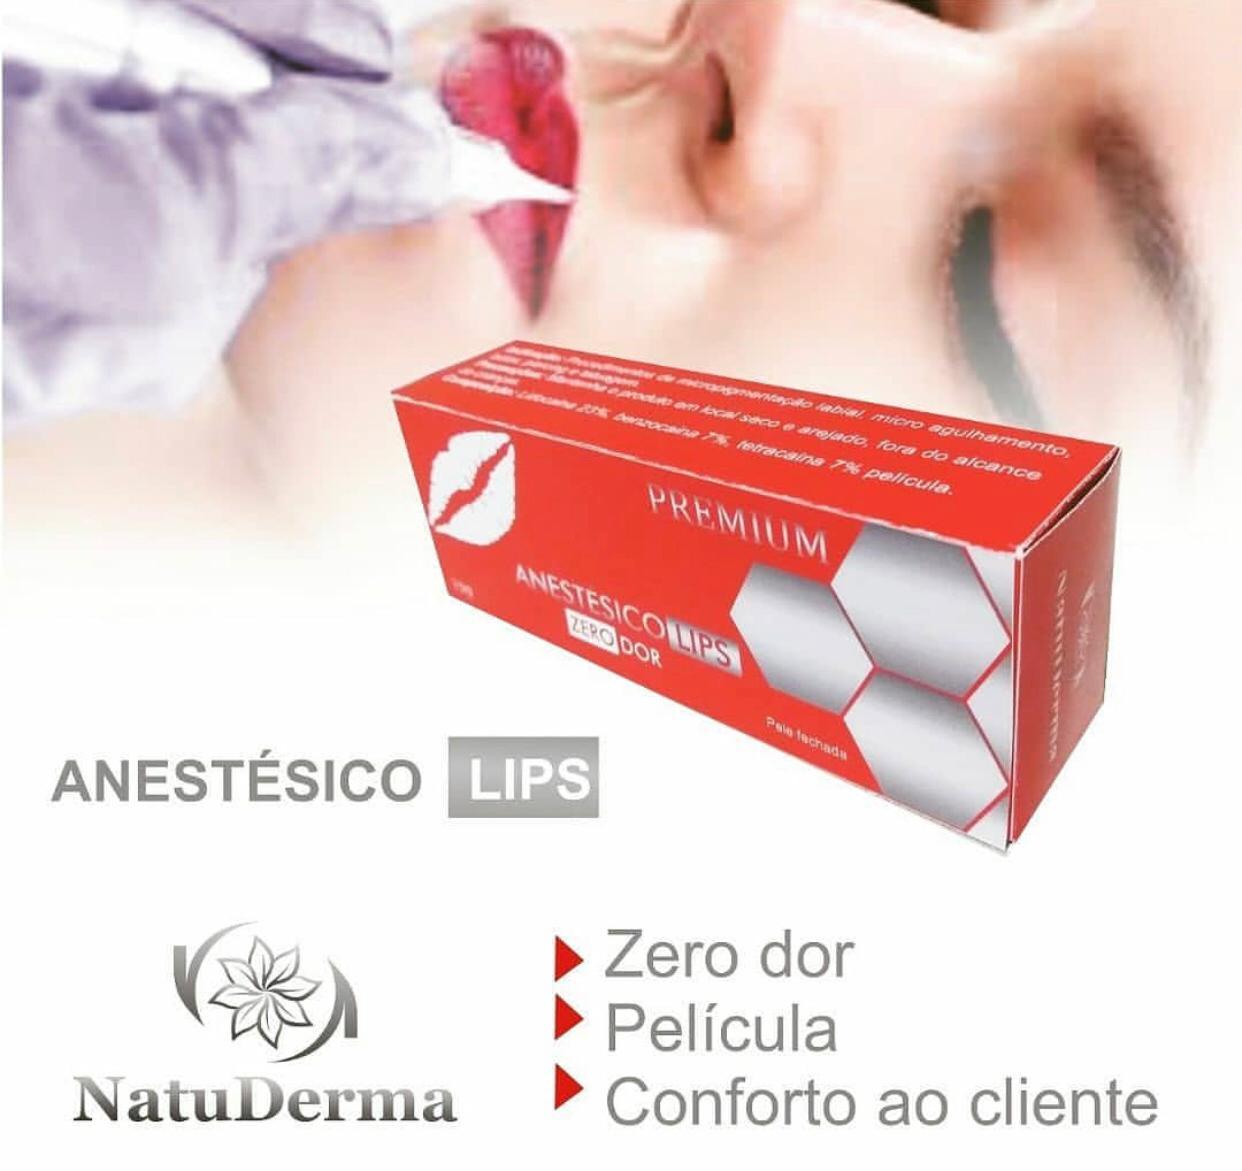 Anestésico Labial Premium NatuDerma - com película aplicadora  - Tebori Nordeste